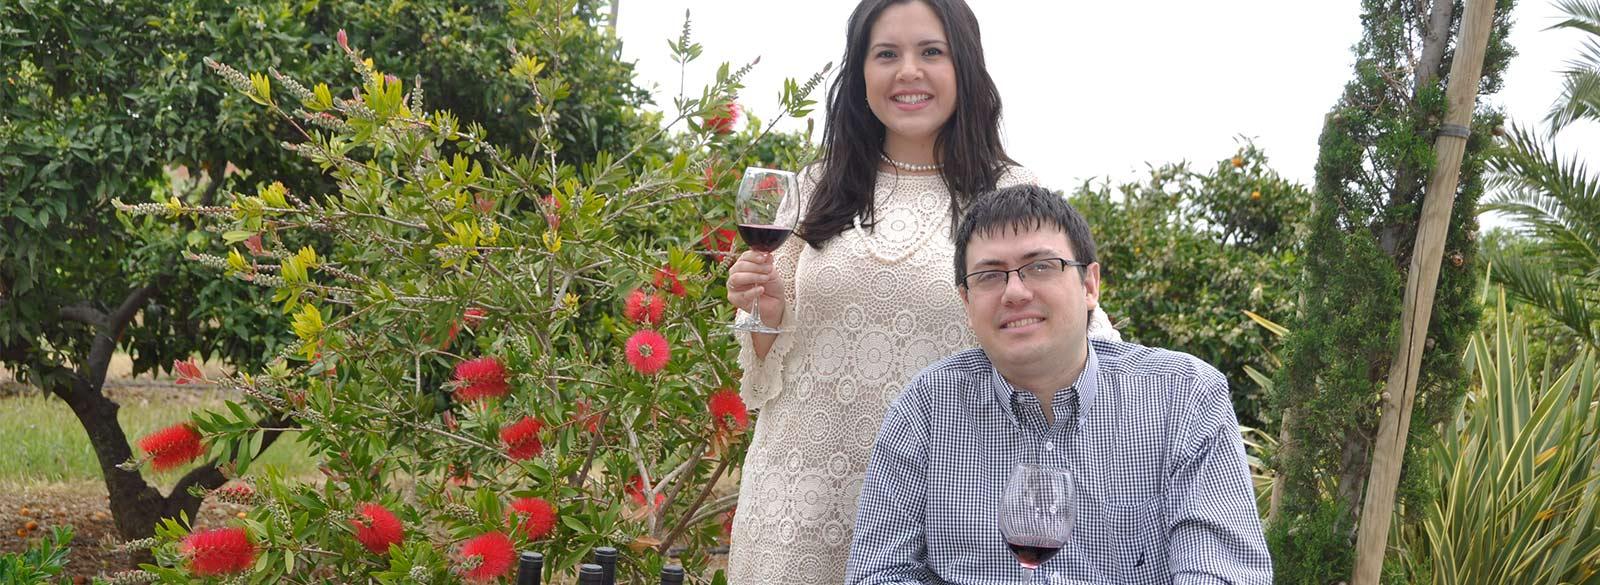 Ilusión+ la historia de unos vinos que sacuden el corazón